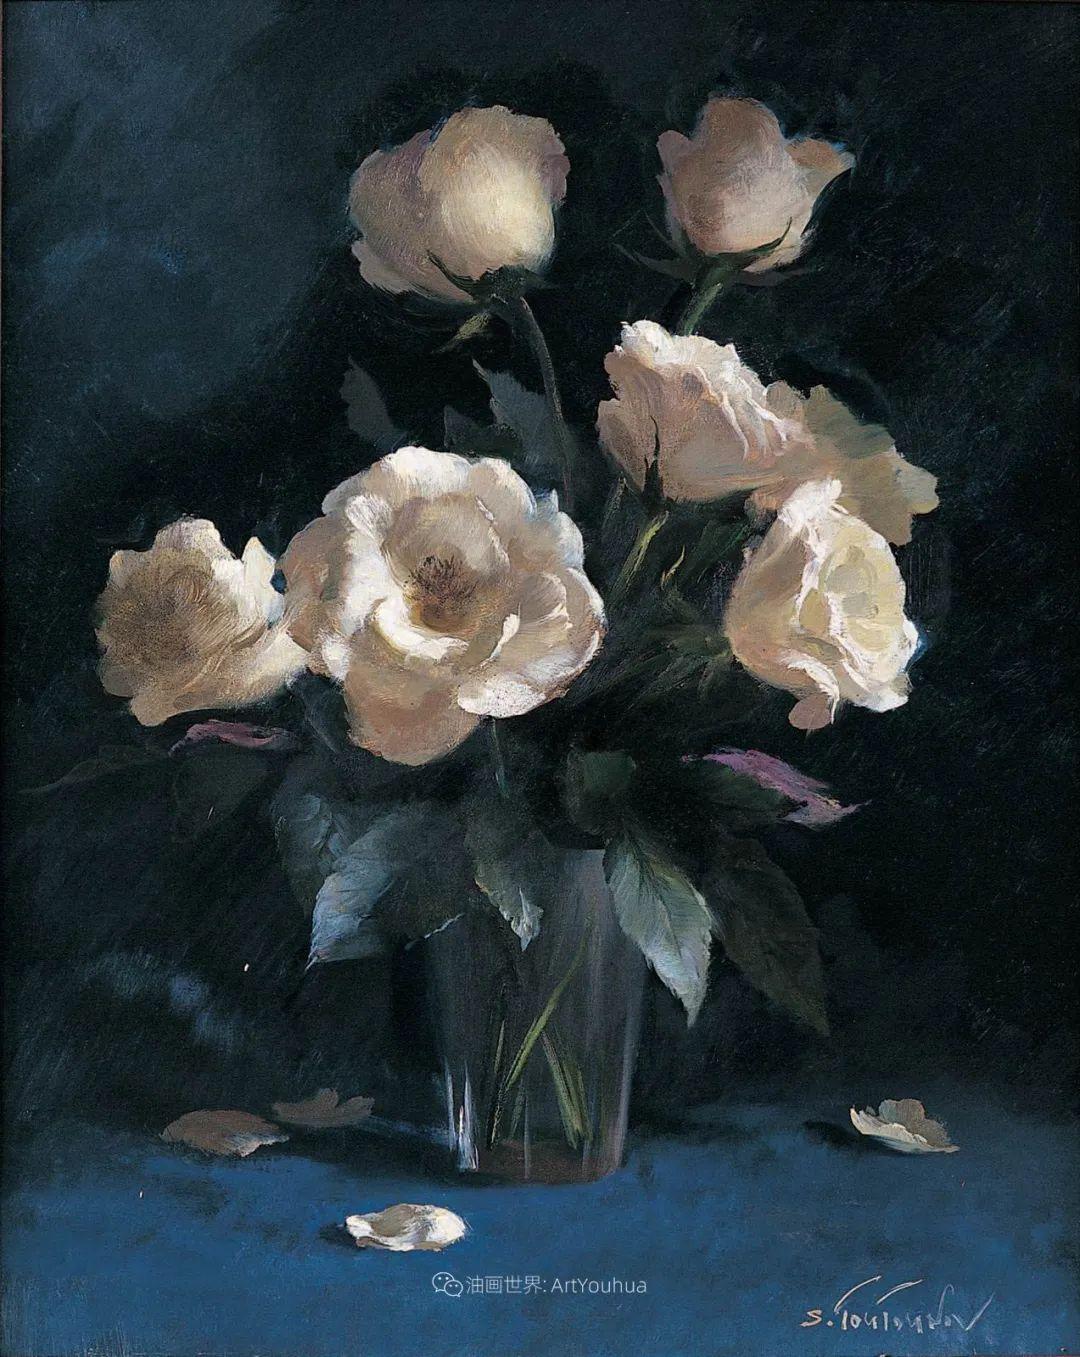 花香袭人,绚丽多彩!俄罗斯画家谢尔盖·图图诺夫插图37